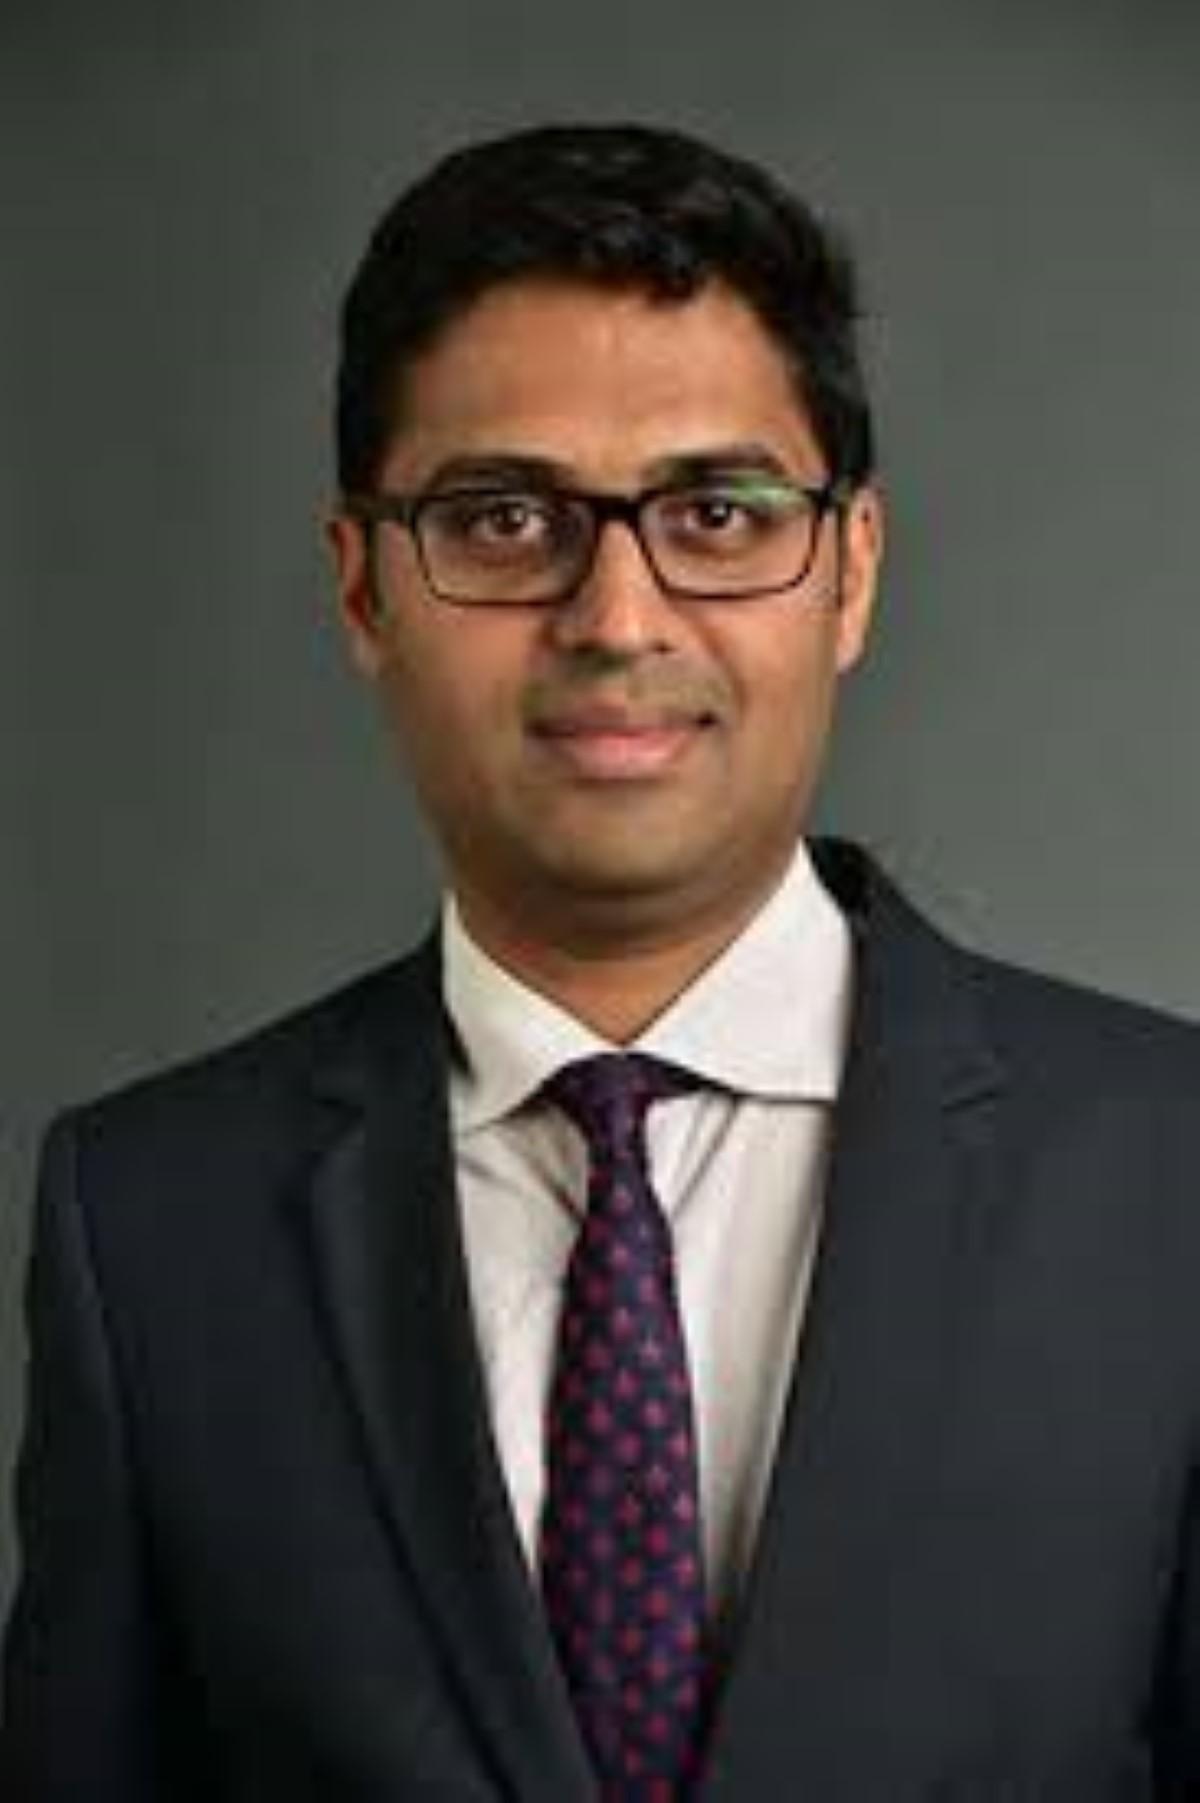 Accrochage entre Pravind Jugnauth et Reza Uteem sur le cas Nilamber